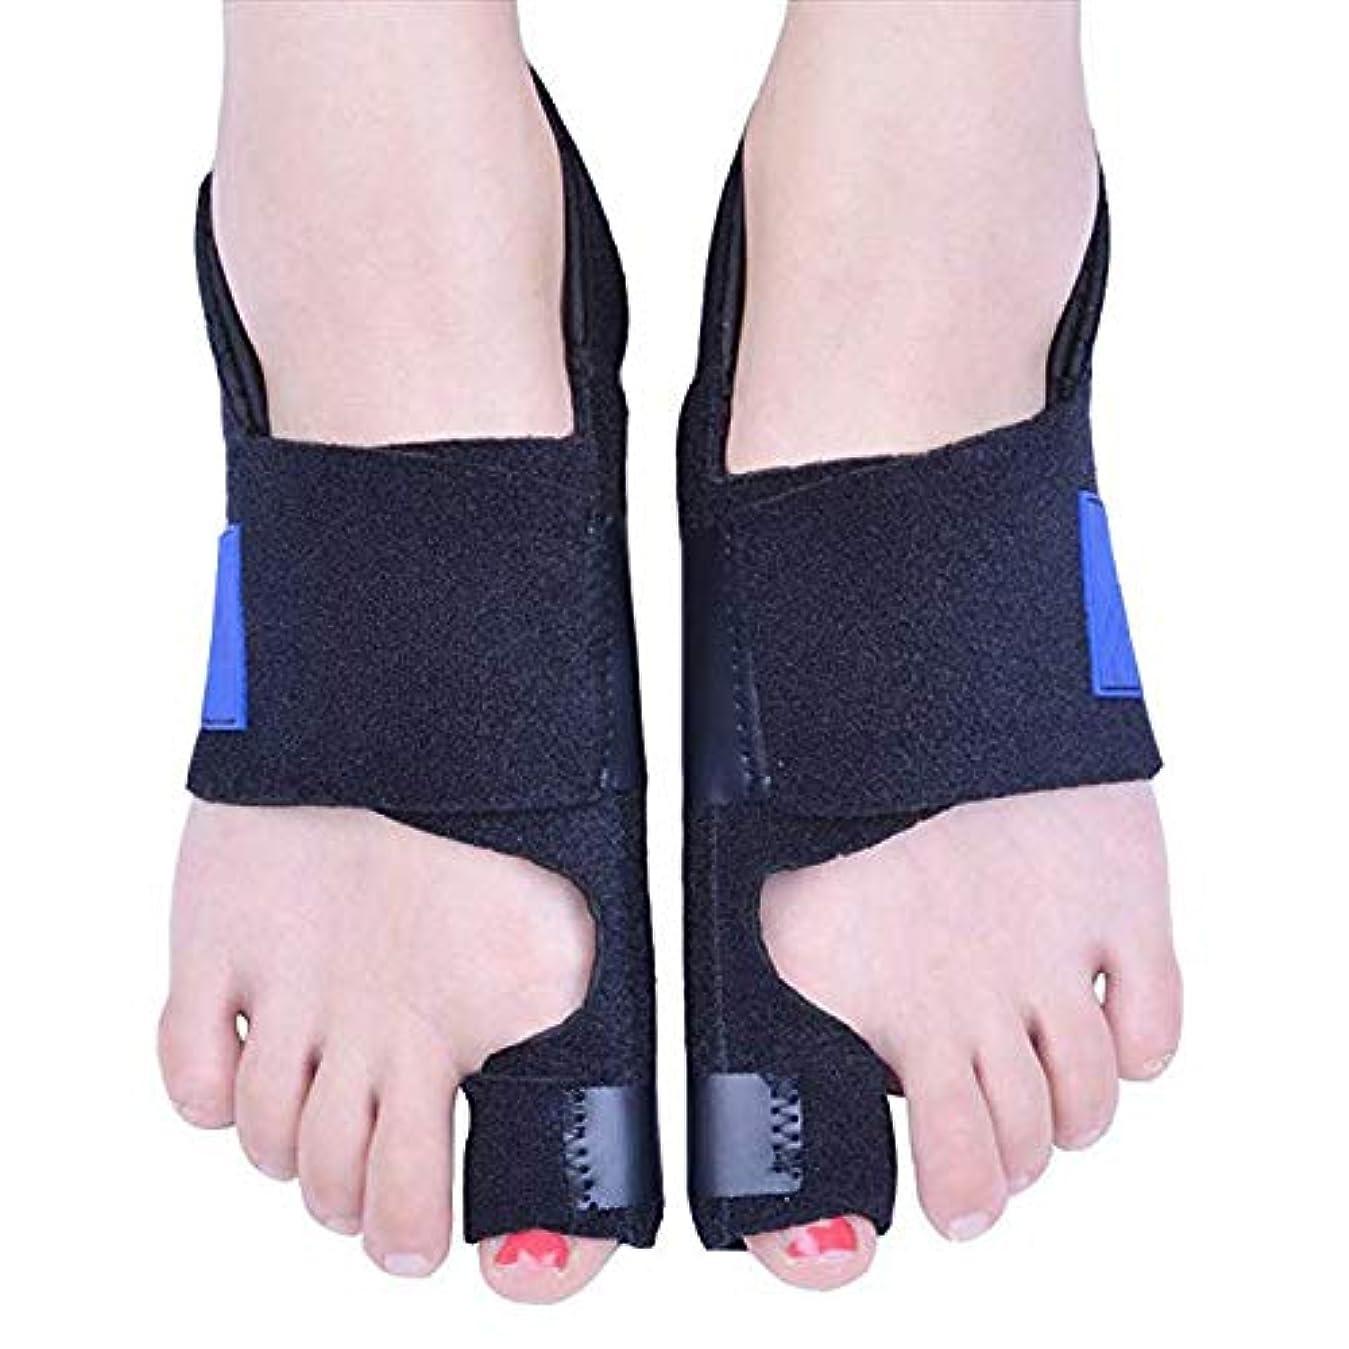 超えて腰処理する腰部の足のアライナーと腱膜瘤の救済、女性と男性の整形外科の足の親指の矯正、昼と夜のサポート、外反母ofの治療と予防,Black